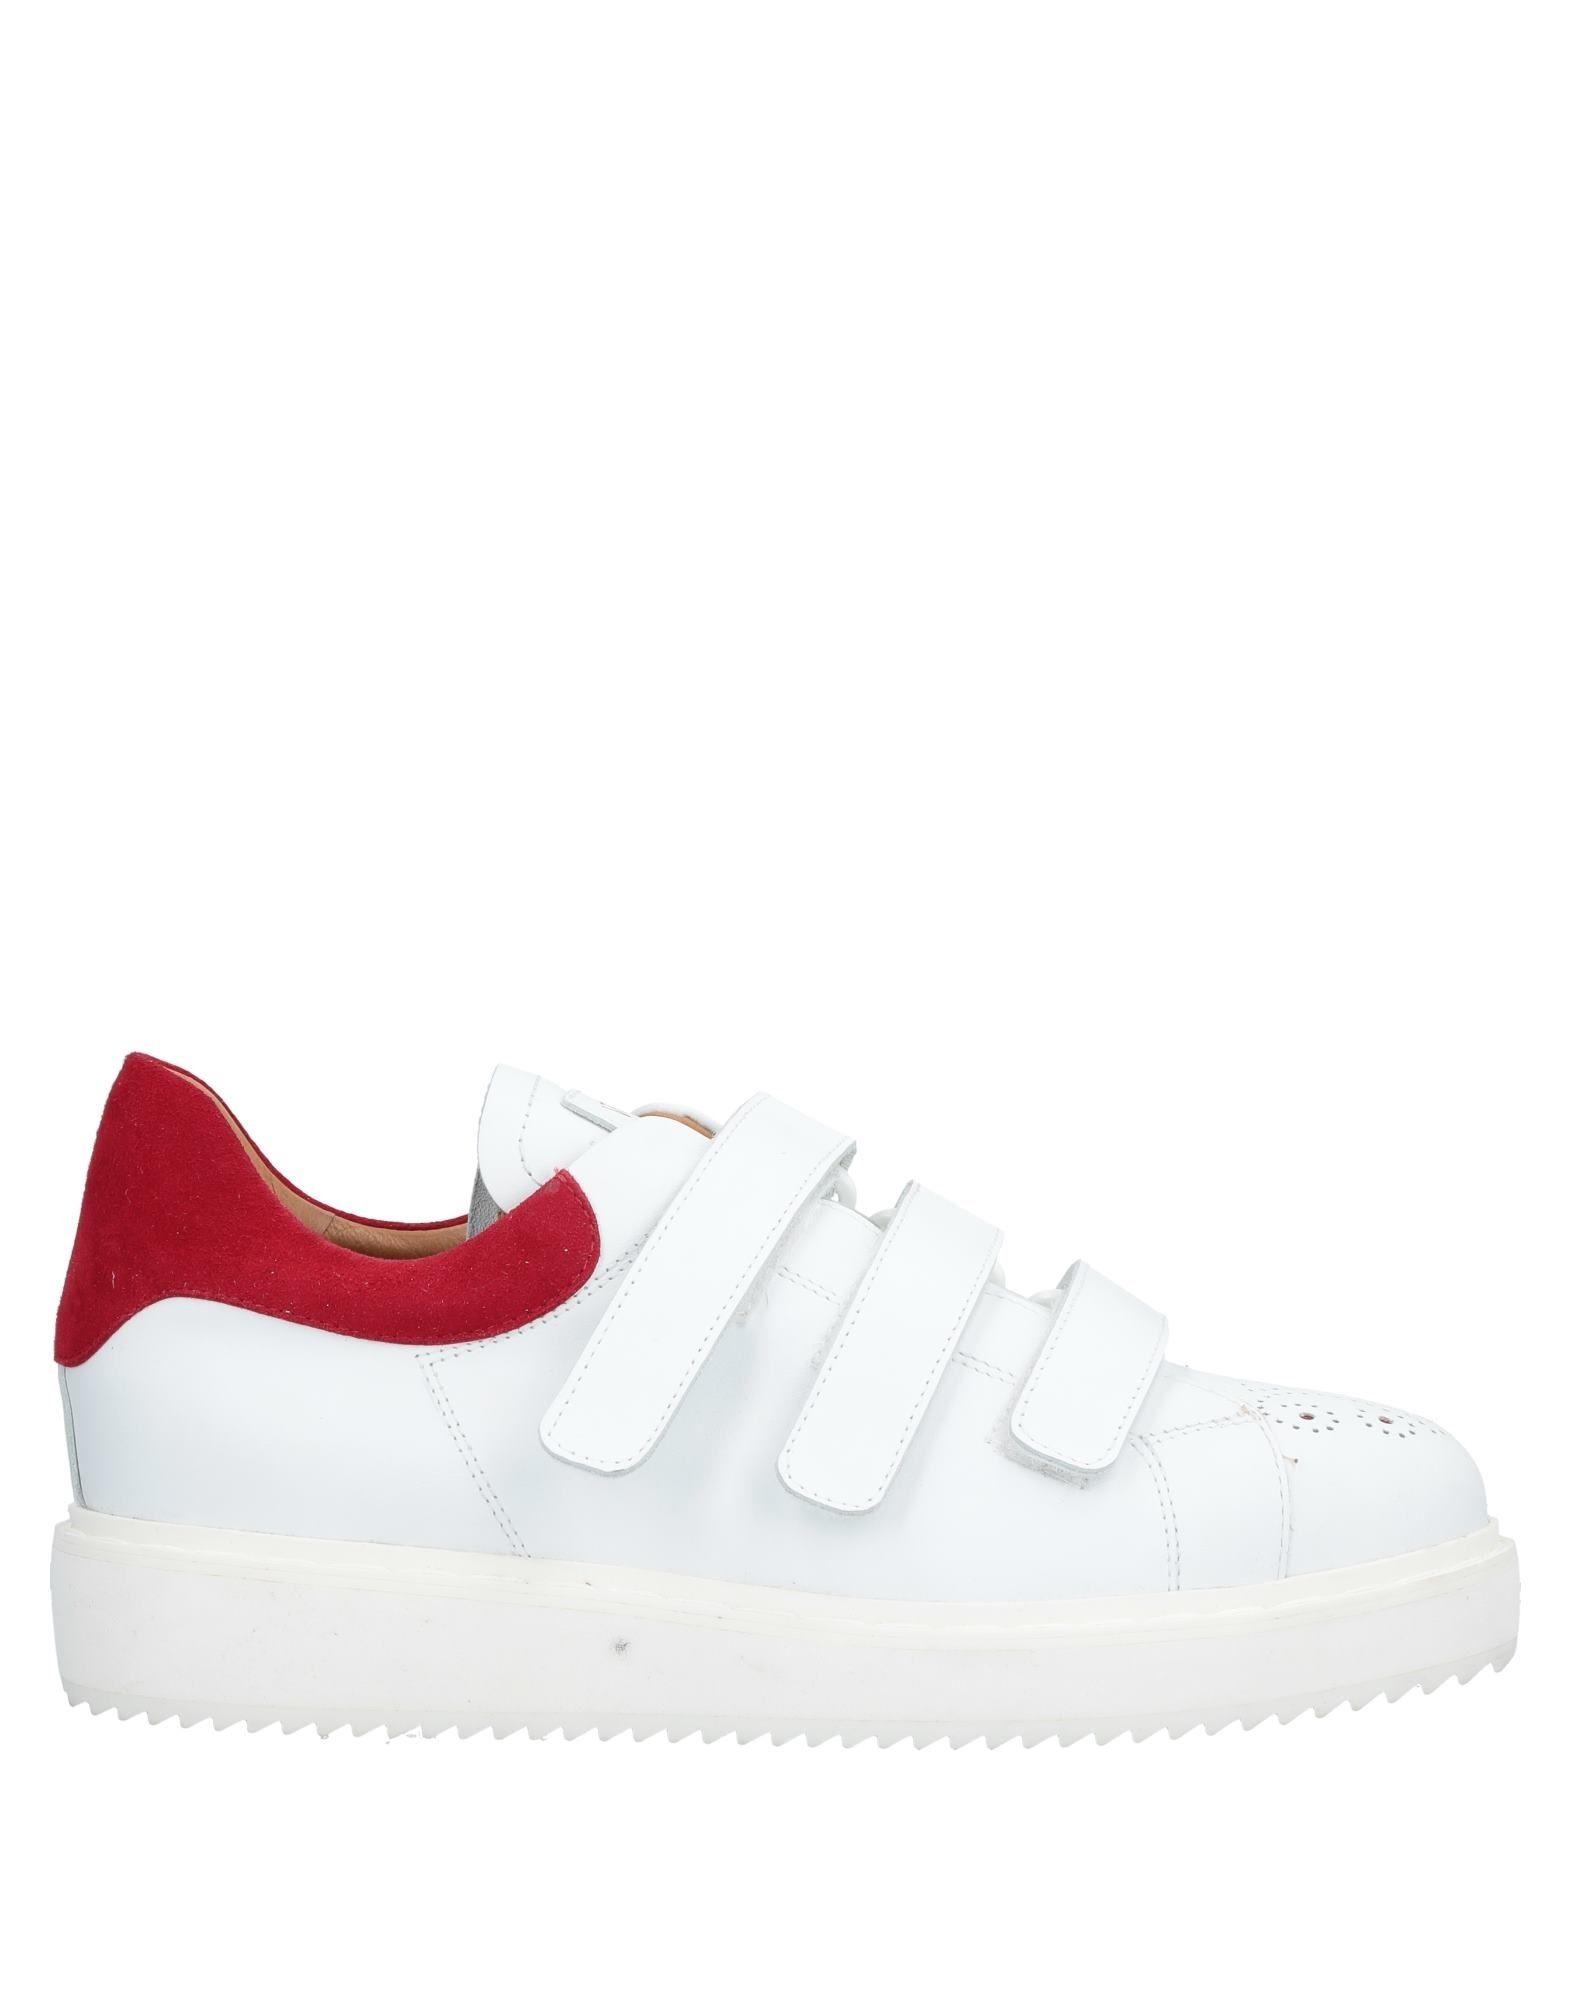 Via Roma 15 Qualität Sneakers Damen  11530318UF Gute Qualität 15 beliebte Schuhe 70ba3e